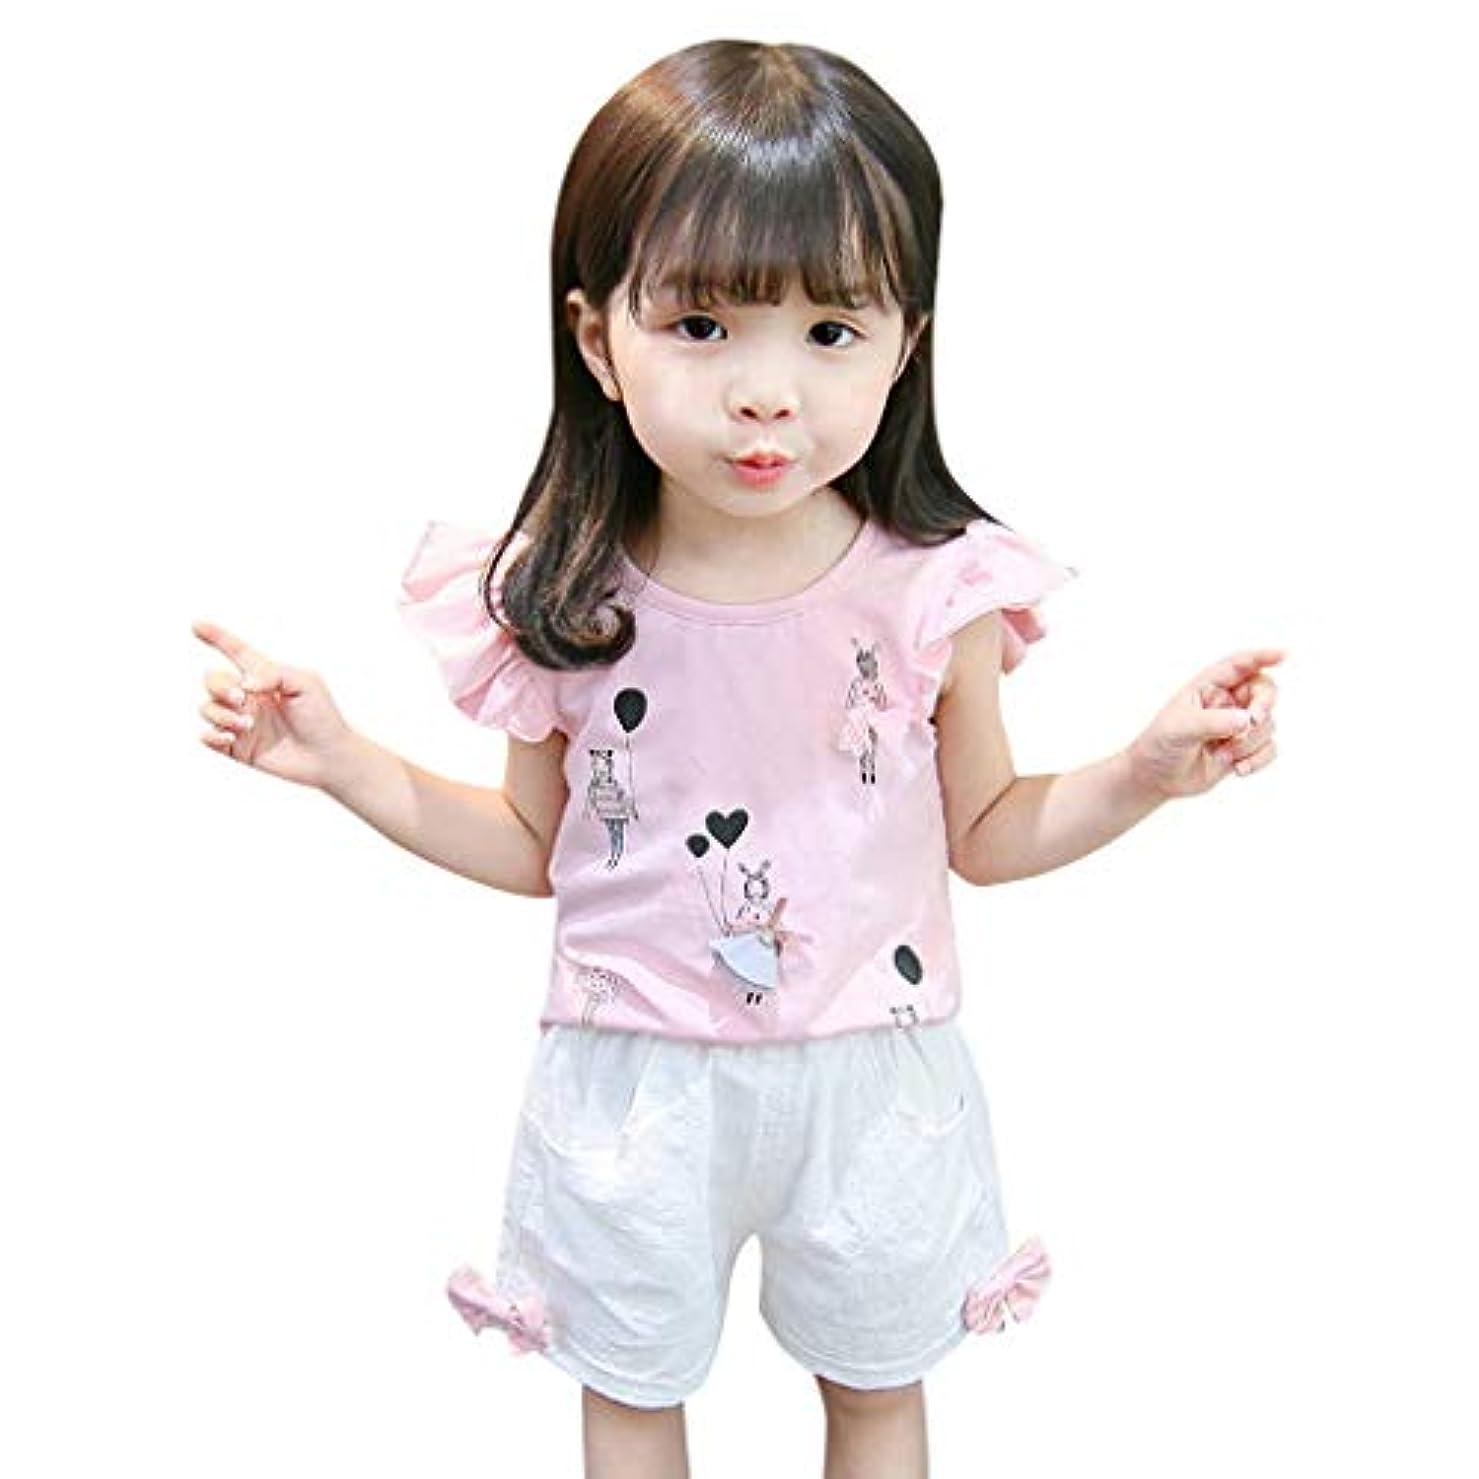 繁栄殉教者有利[ポクトロン] 新生児 子供の 半袖 かっこいい 爽やか クール フライングスリーブ 漫画 立体 かわいい 超柔らかい トップ+ショート パンツ 上下2点セット(ピンク,110)